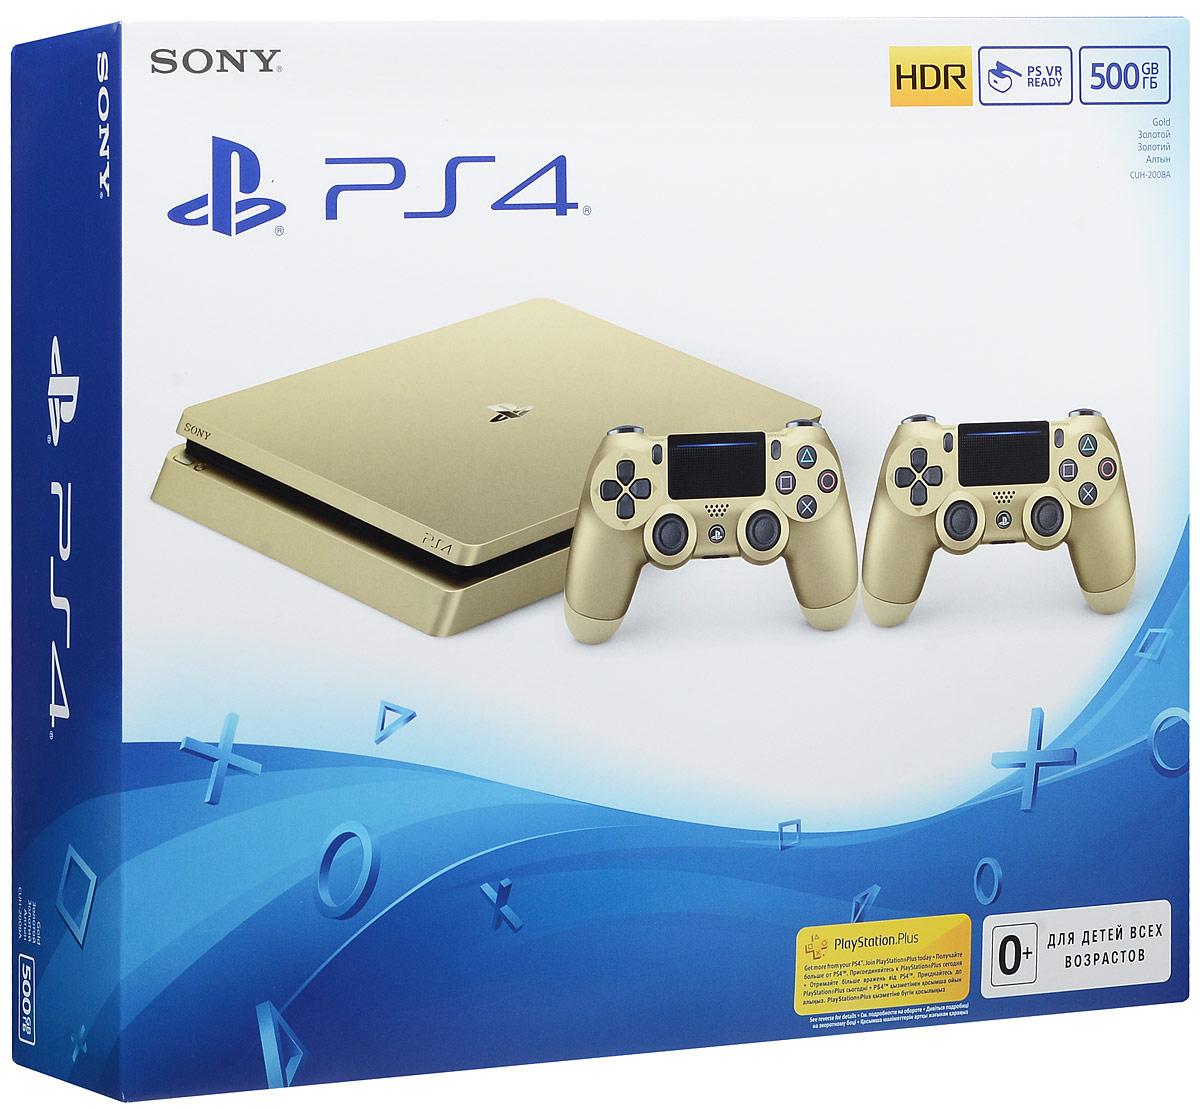 Игровая приставка Sony PlayStation 4 Slim (500 GB), Gold + дополнительный контроллер Dualshock 4 - Игровые консоли